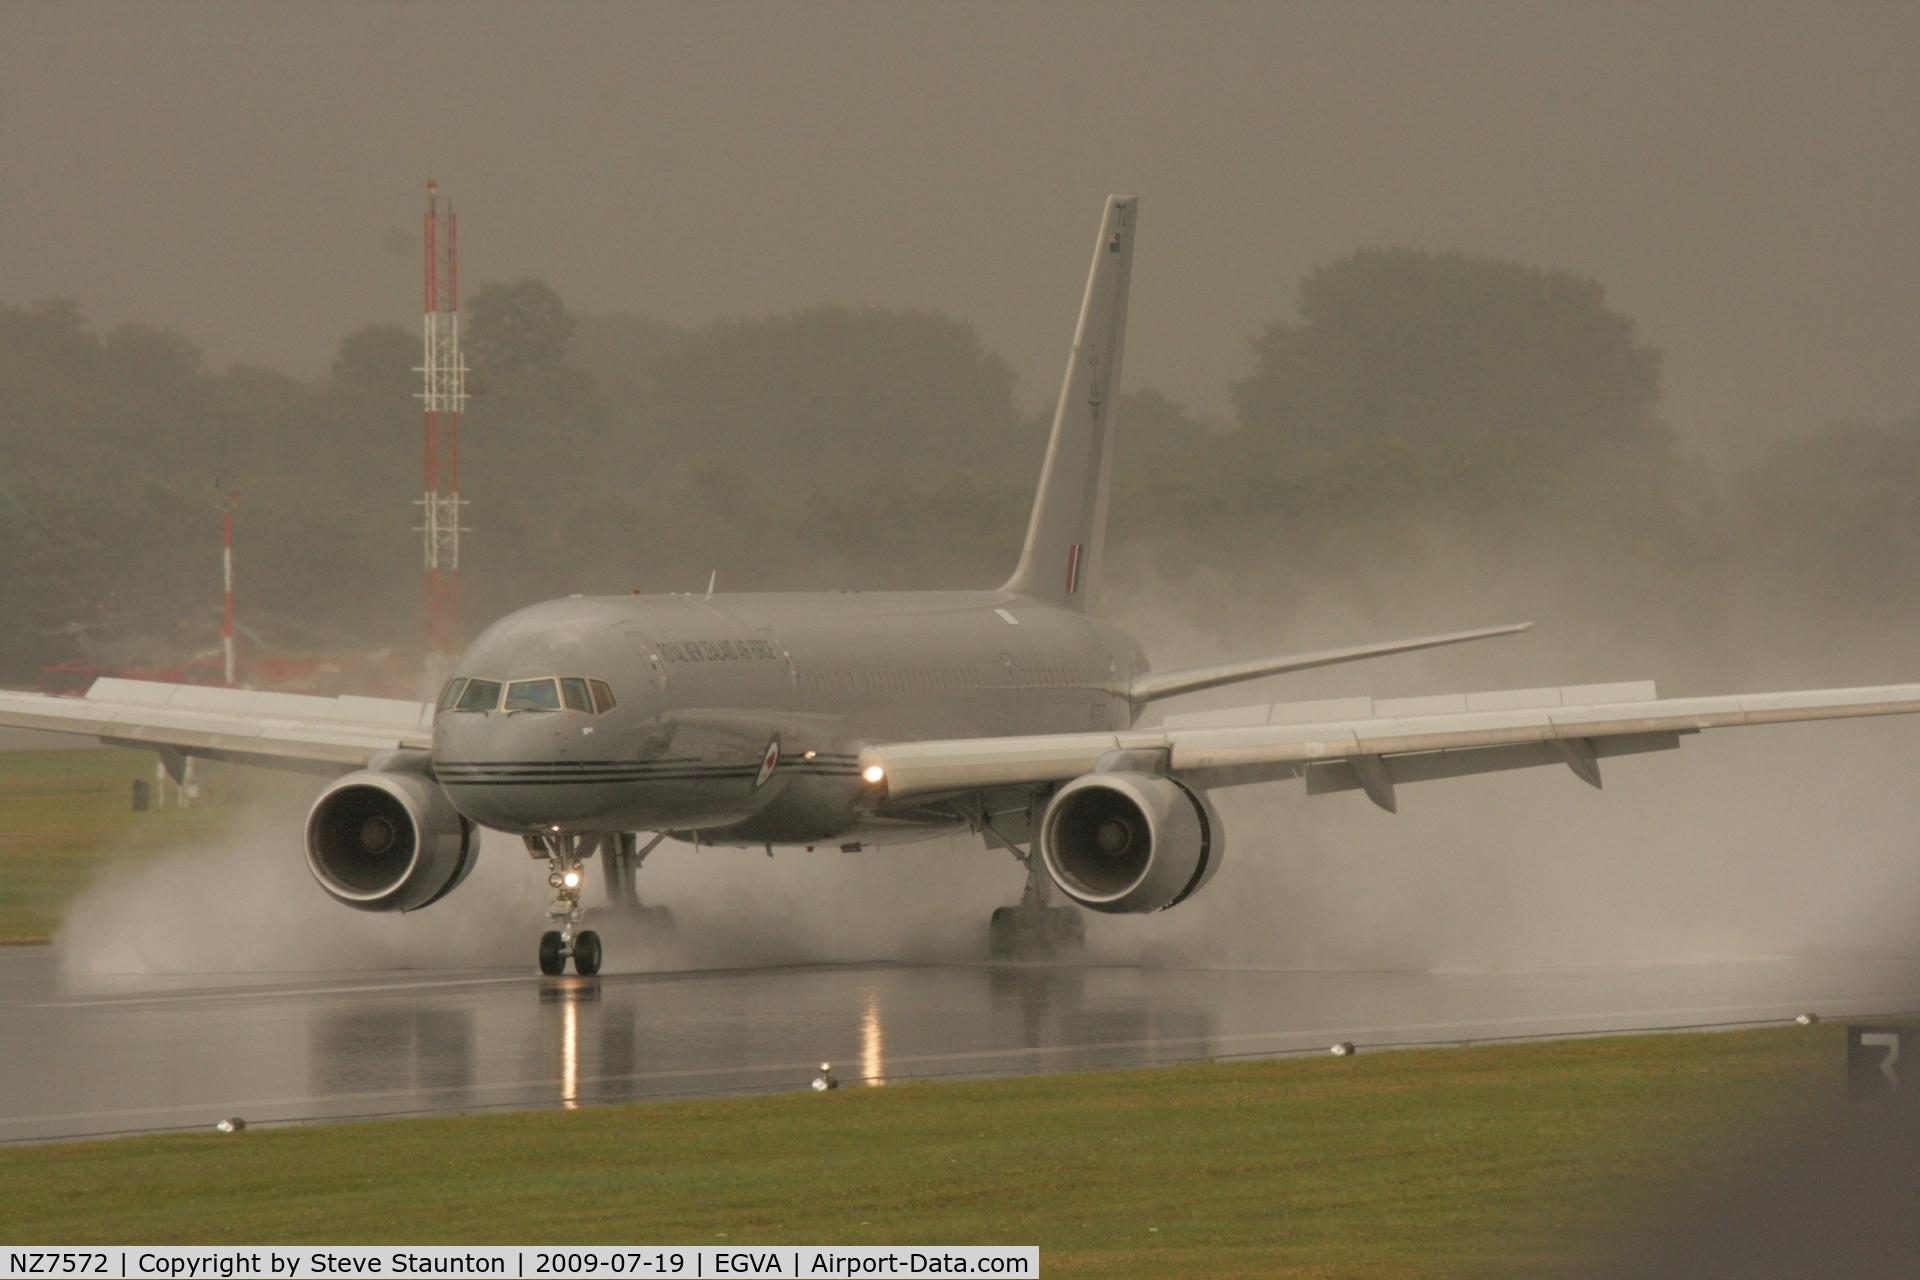 NZ7572, 1993 Boeing 757-2K2 C/N 26634, Taken at the Royal International Air Tattoo 2009